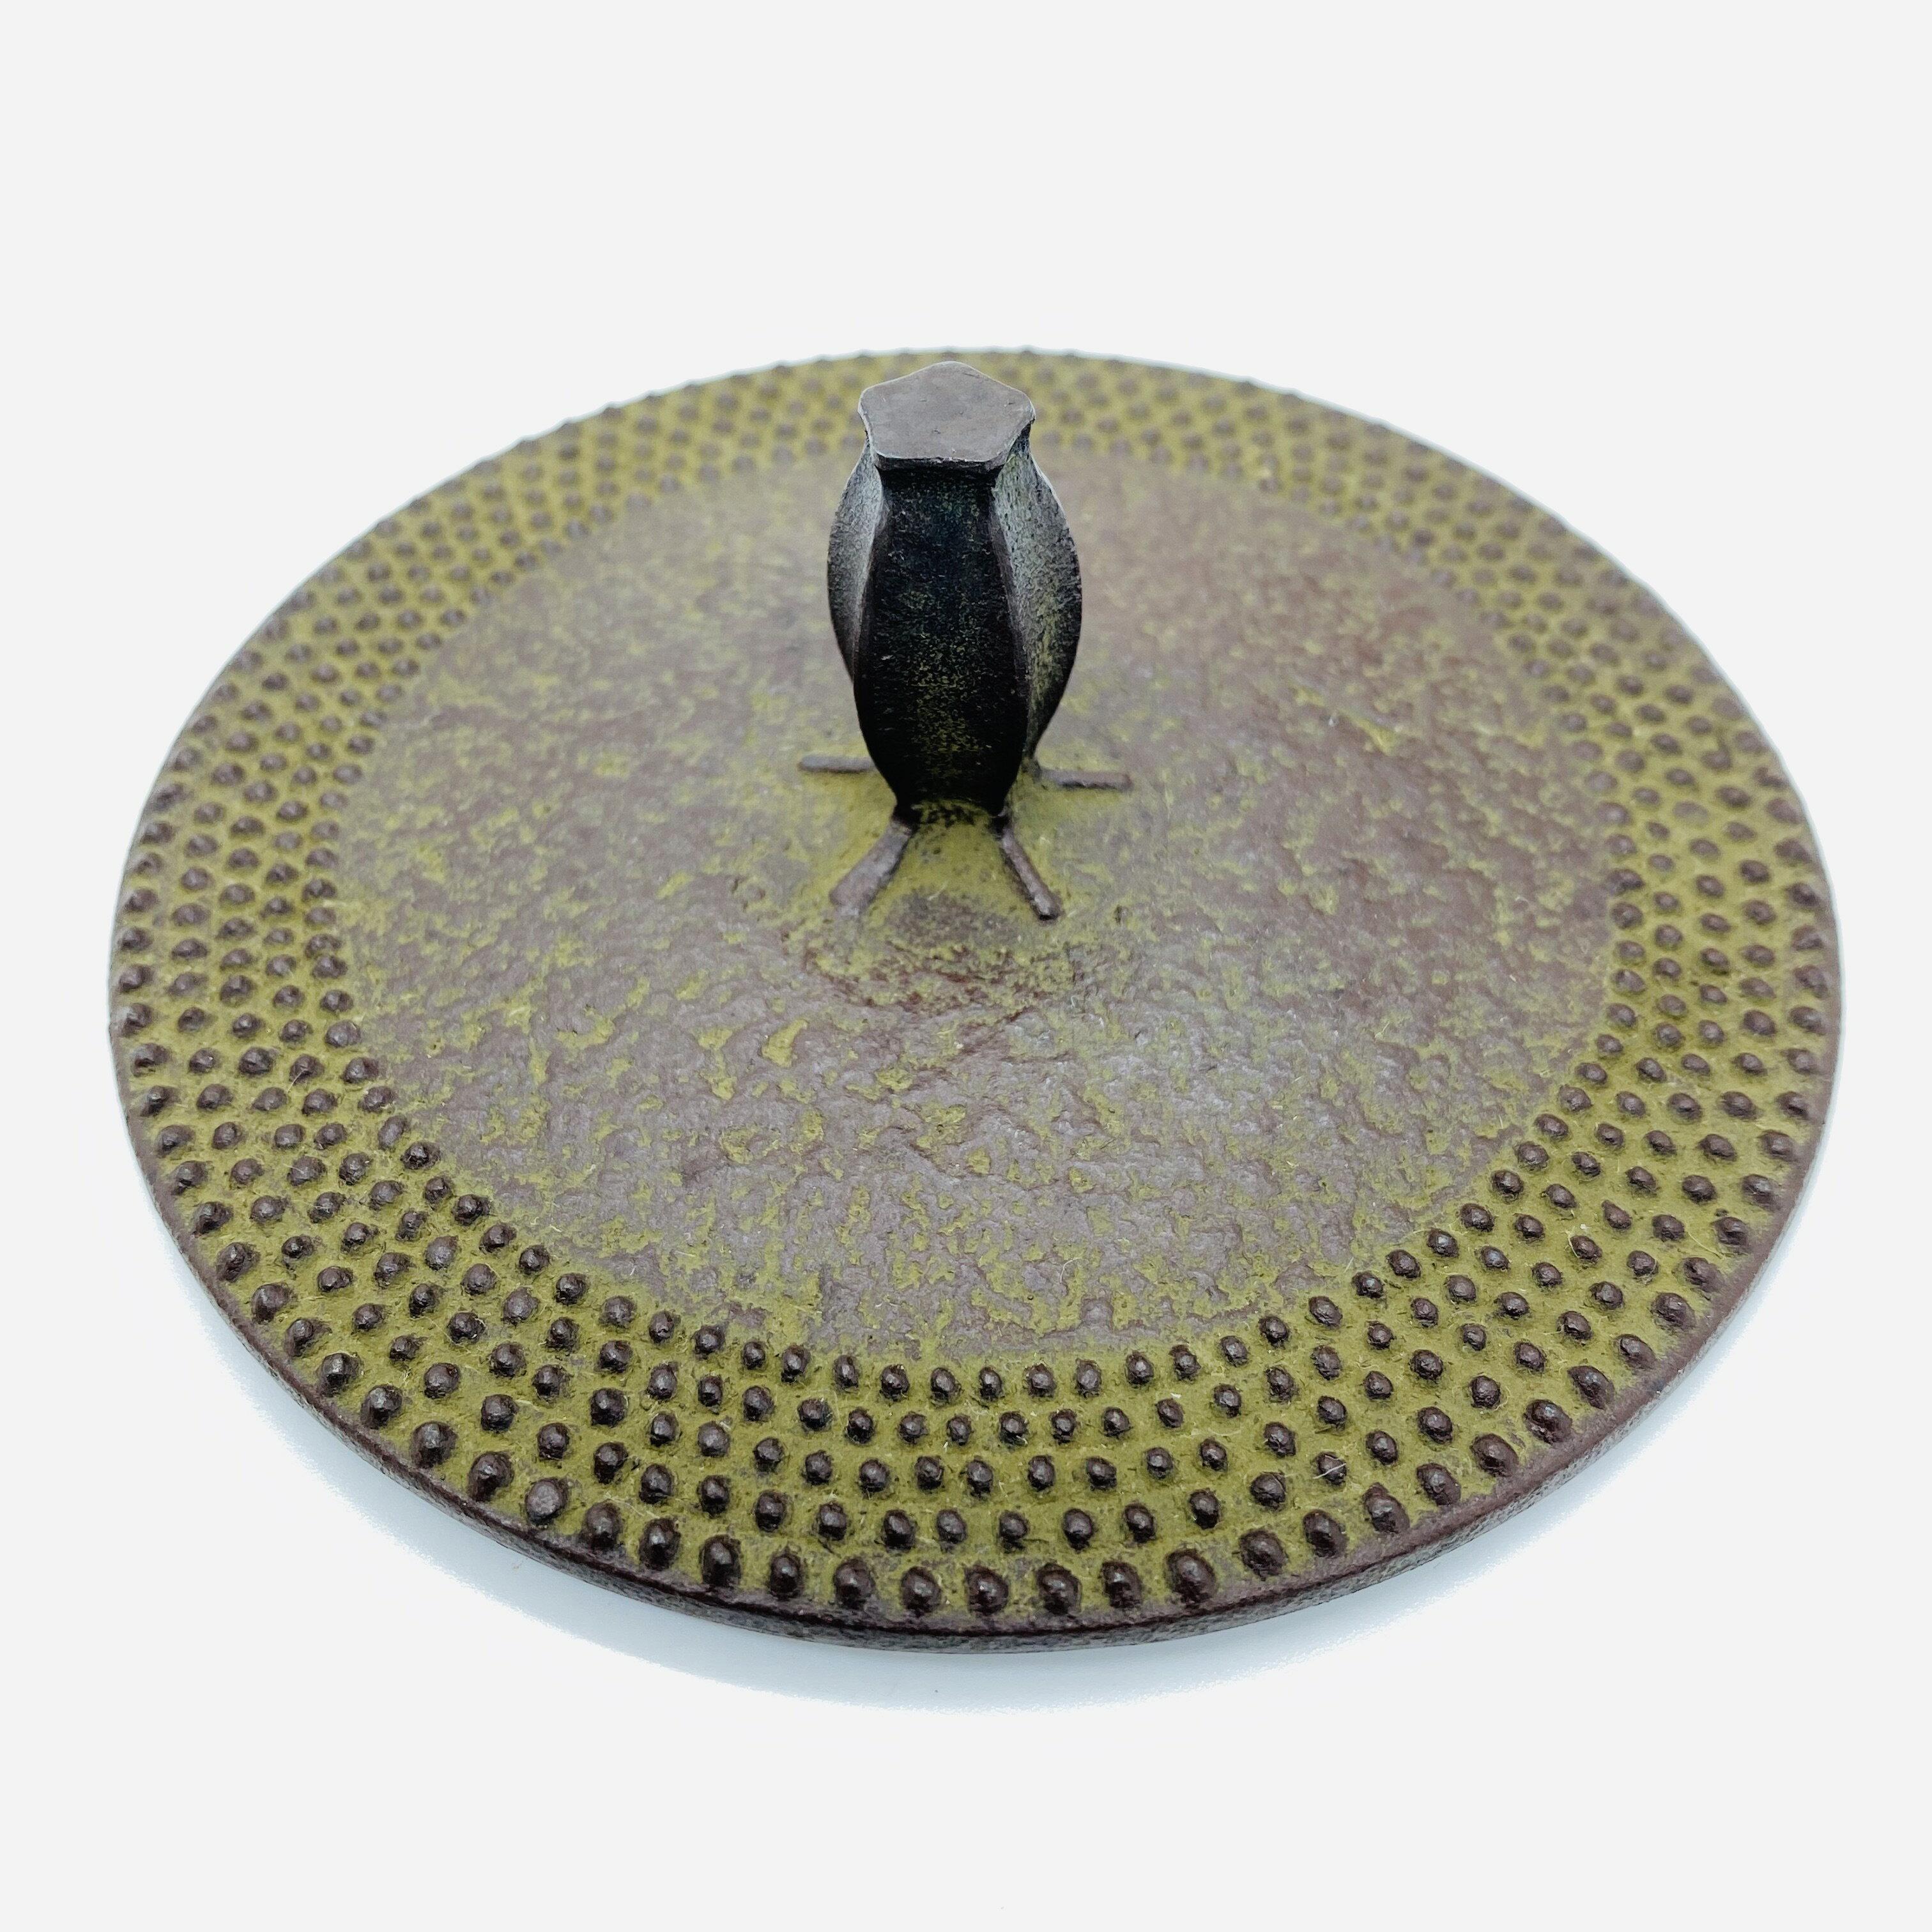 日本 本場南部鐵器-【佐藤勝久 平丸型 霰 1.5L】鐵壺 鉄瓶 煮水 泡茶 只有1個 4